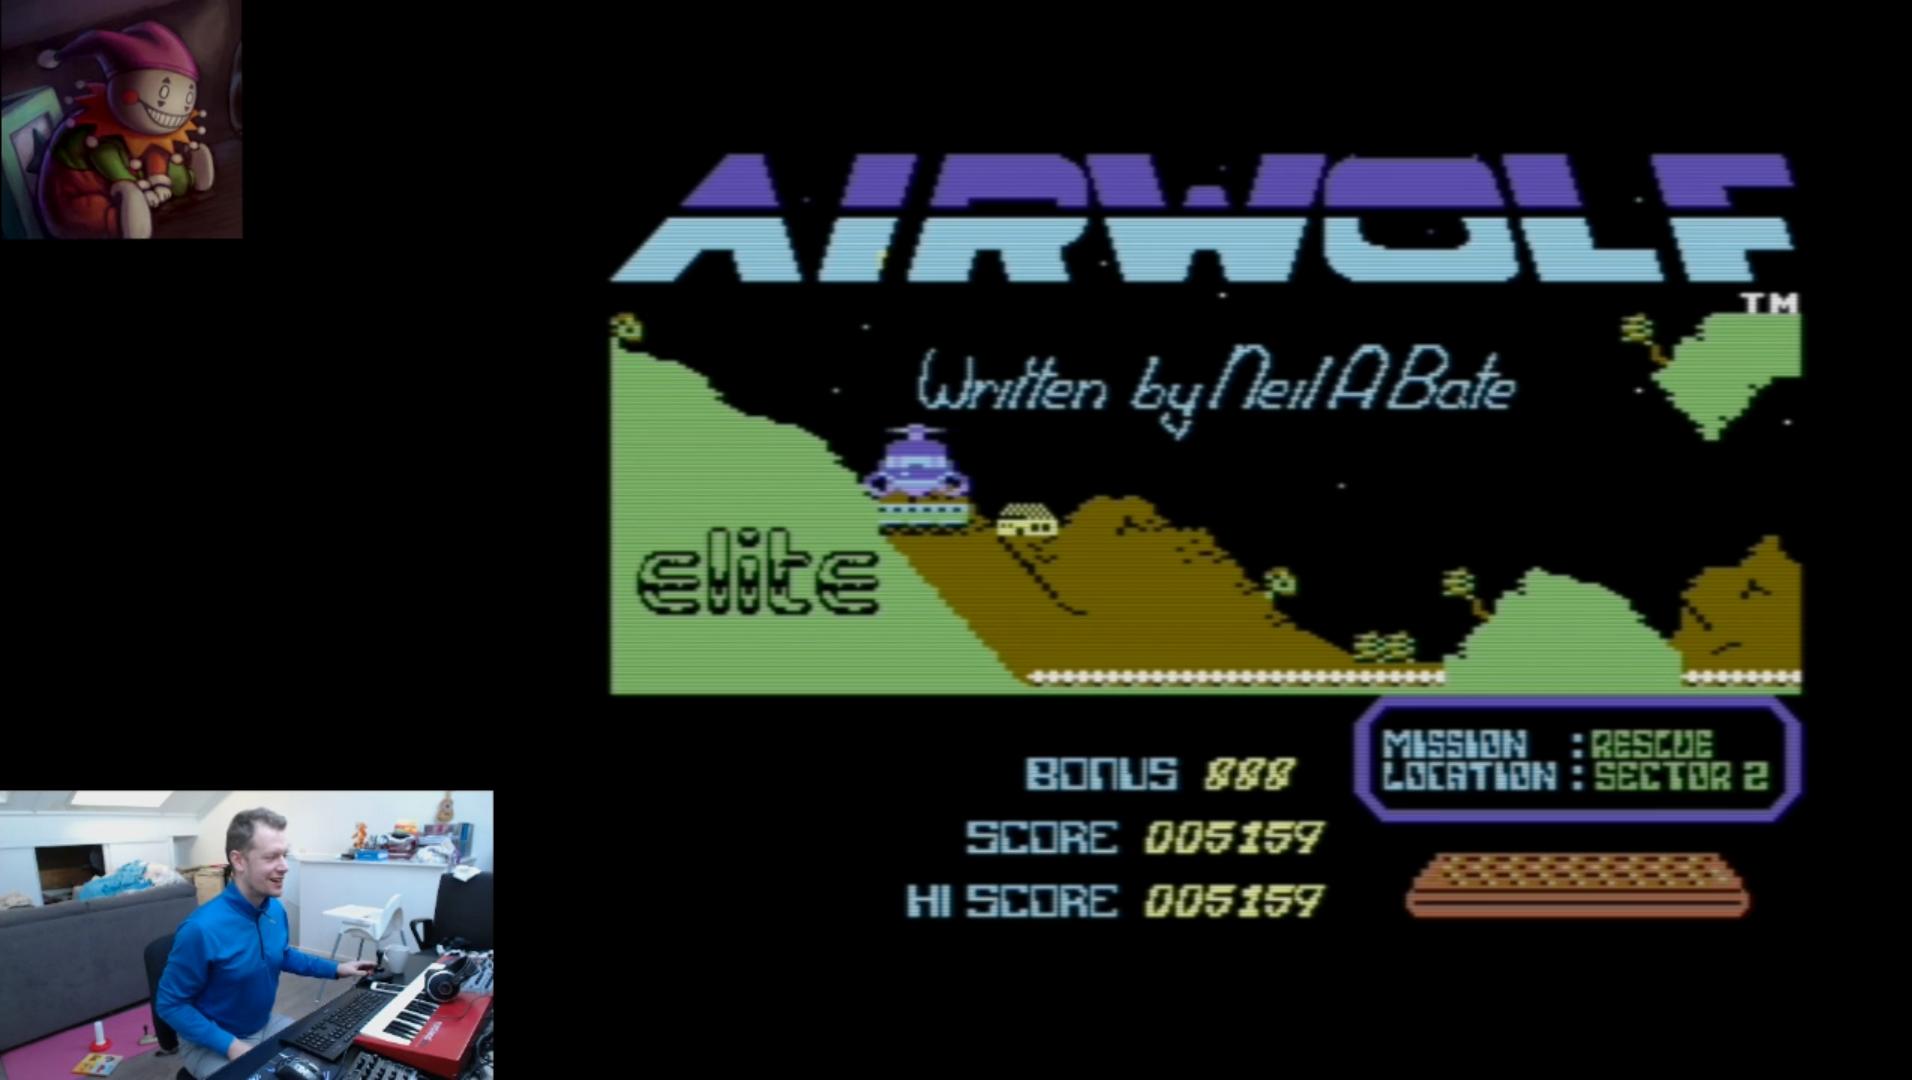 Airwolf 5,159 points